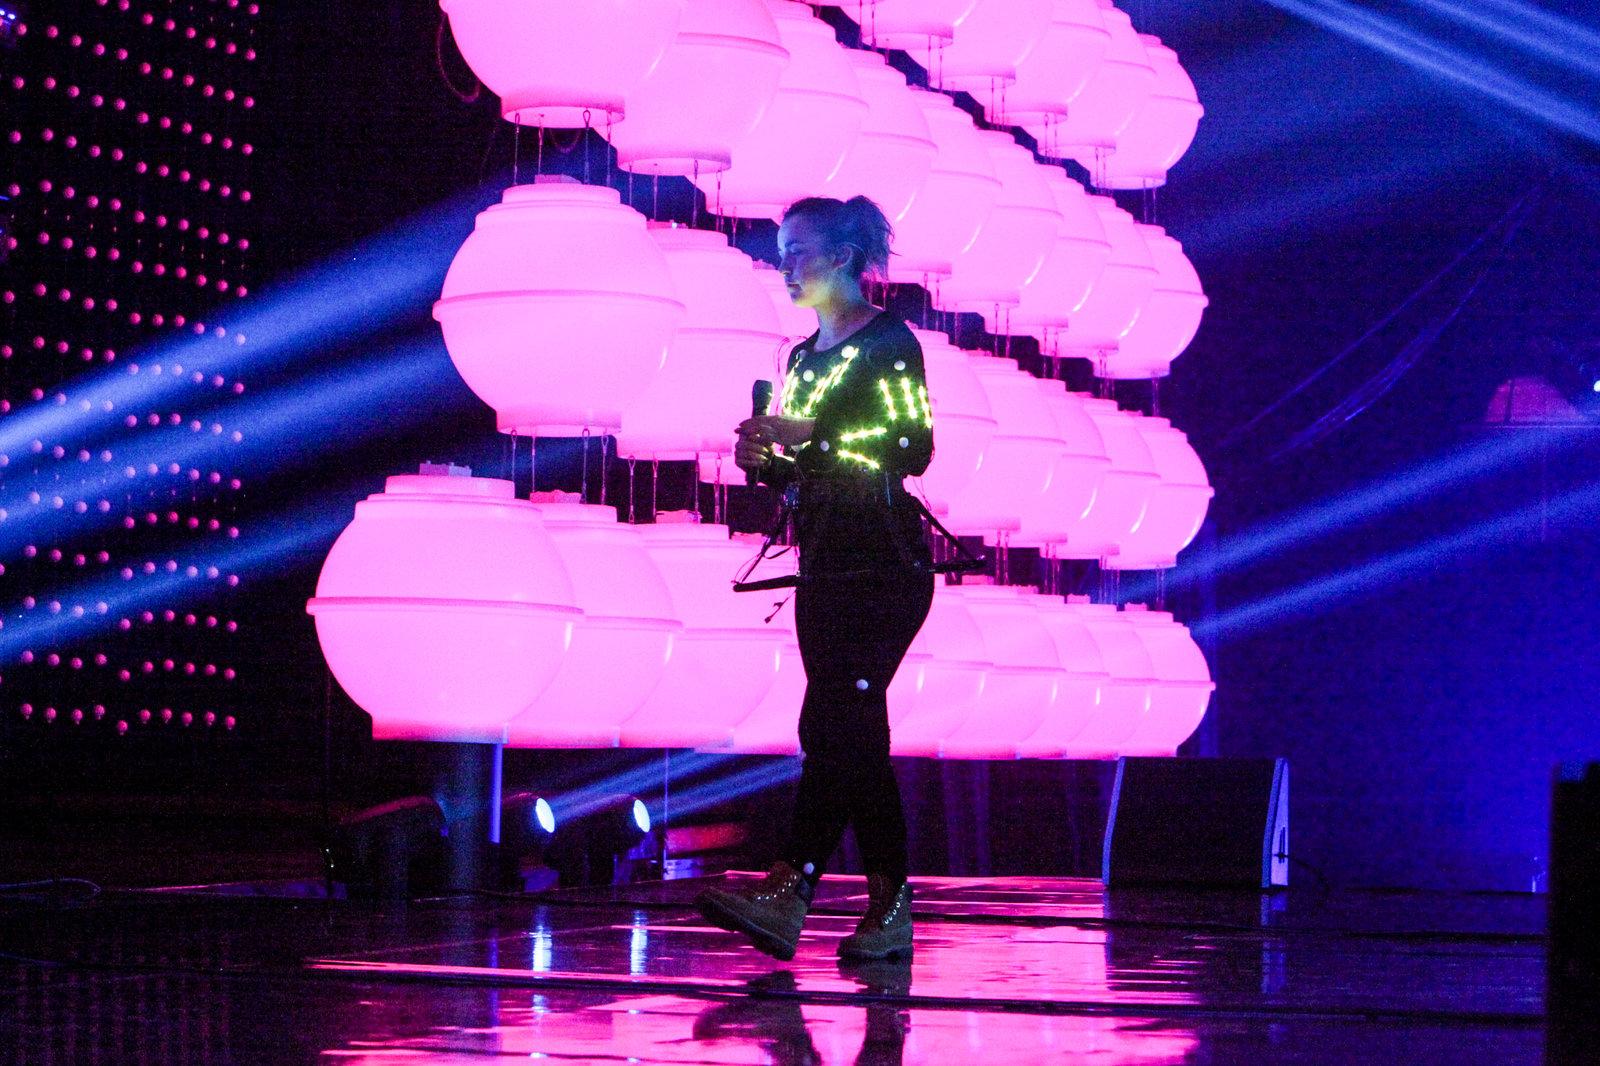 Eesti Laul 2016 võitis Jüri Pootsman. Koha superfinaalis ja kokkuvõttes kolmanda koha sai ansamblis Cartoon esinenud Kristel Aaslaid. Saarlannad Grete Paia ja Kati Laev olid vastavalt 7. ja 10. kohal.